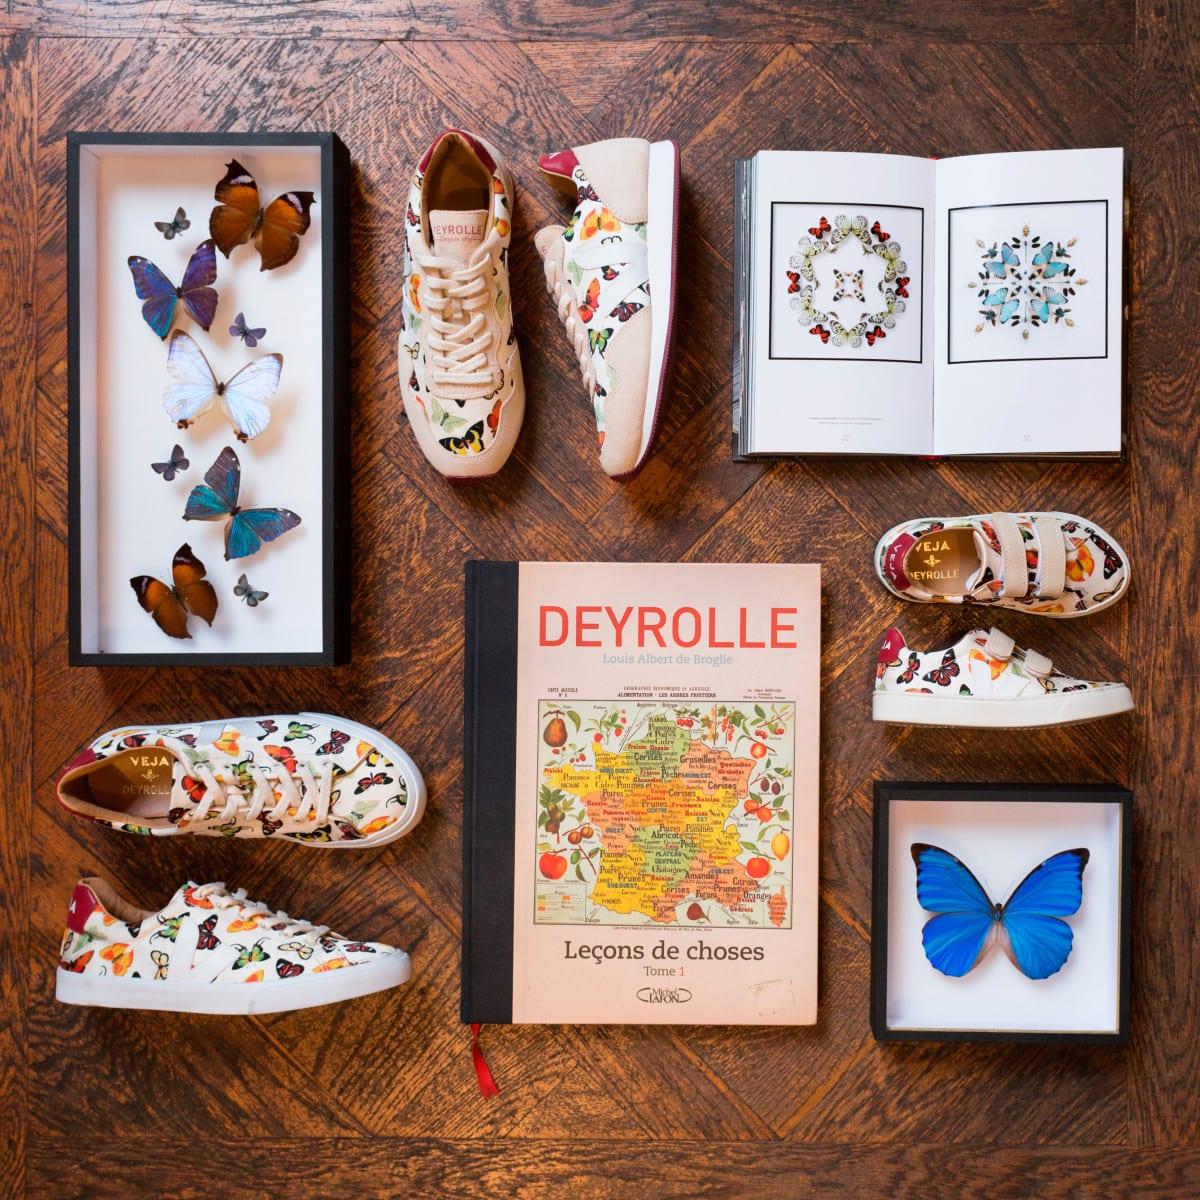 veja*deyrolles18